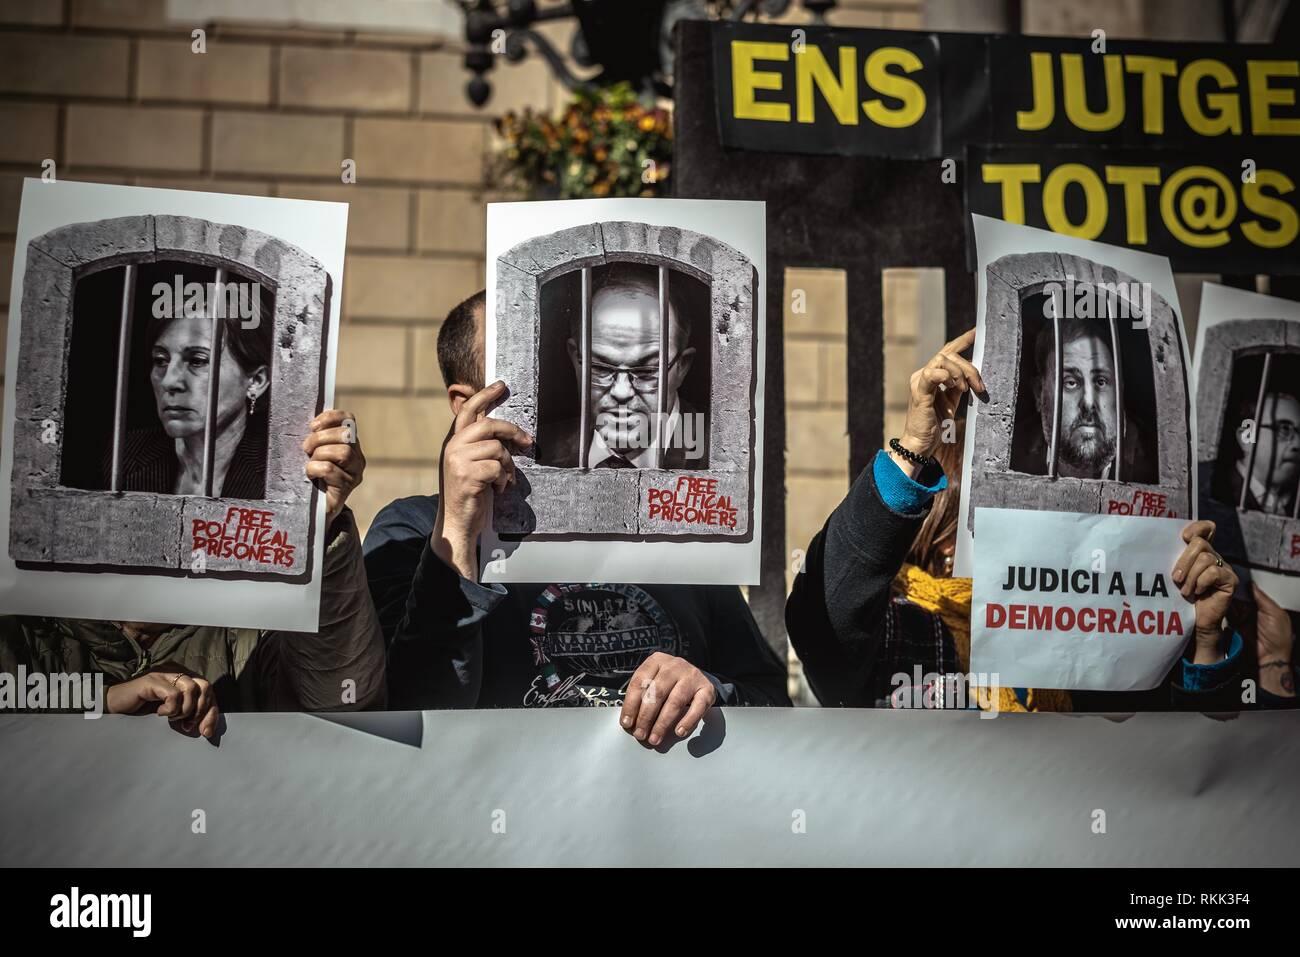 Barcelone, Espagne. 12 Février, 2019. Les séparatistes catalans se rassemblent pour protester contre le départ de la Cour suprême procès contre 12 dirigeants Catalan chargé de sédition et de révolte contre l'Espagne et le détournement de fonds publics en relation avec un référendum sur la sécession et l'indépendance d'un vote au Parlement Catalan en octobre 2017. Credit: Matthias Rickenbach/Alamy Live News Photo Stock